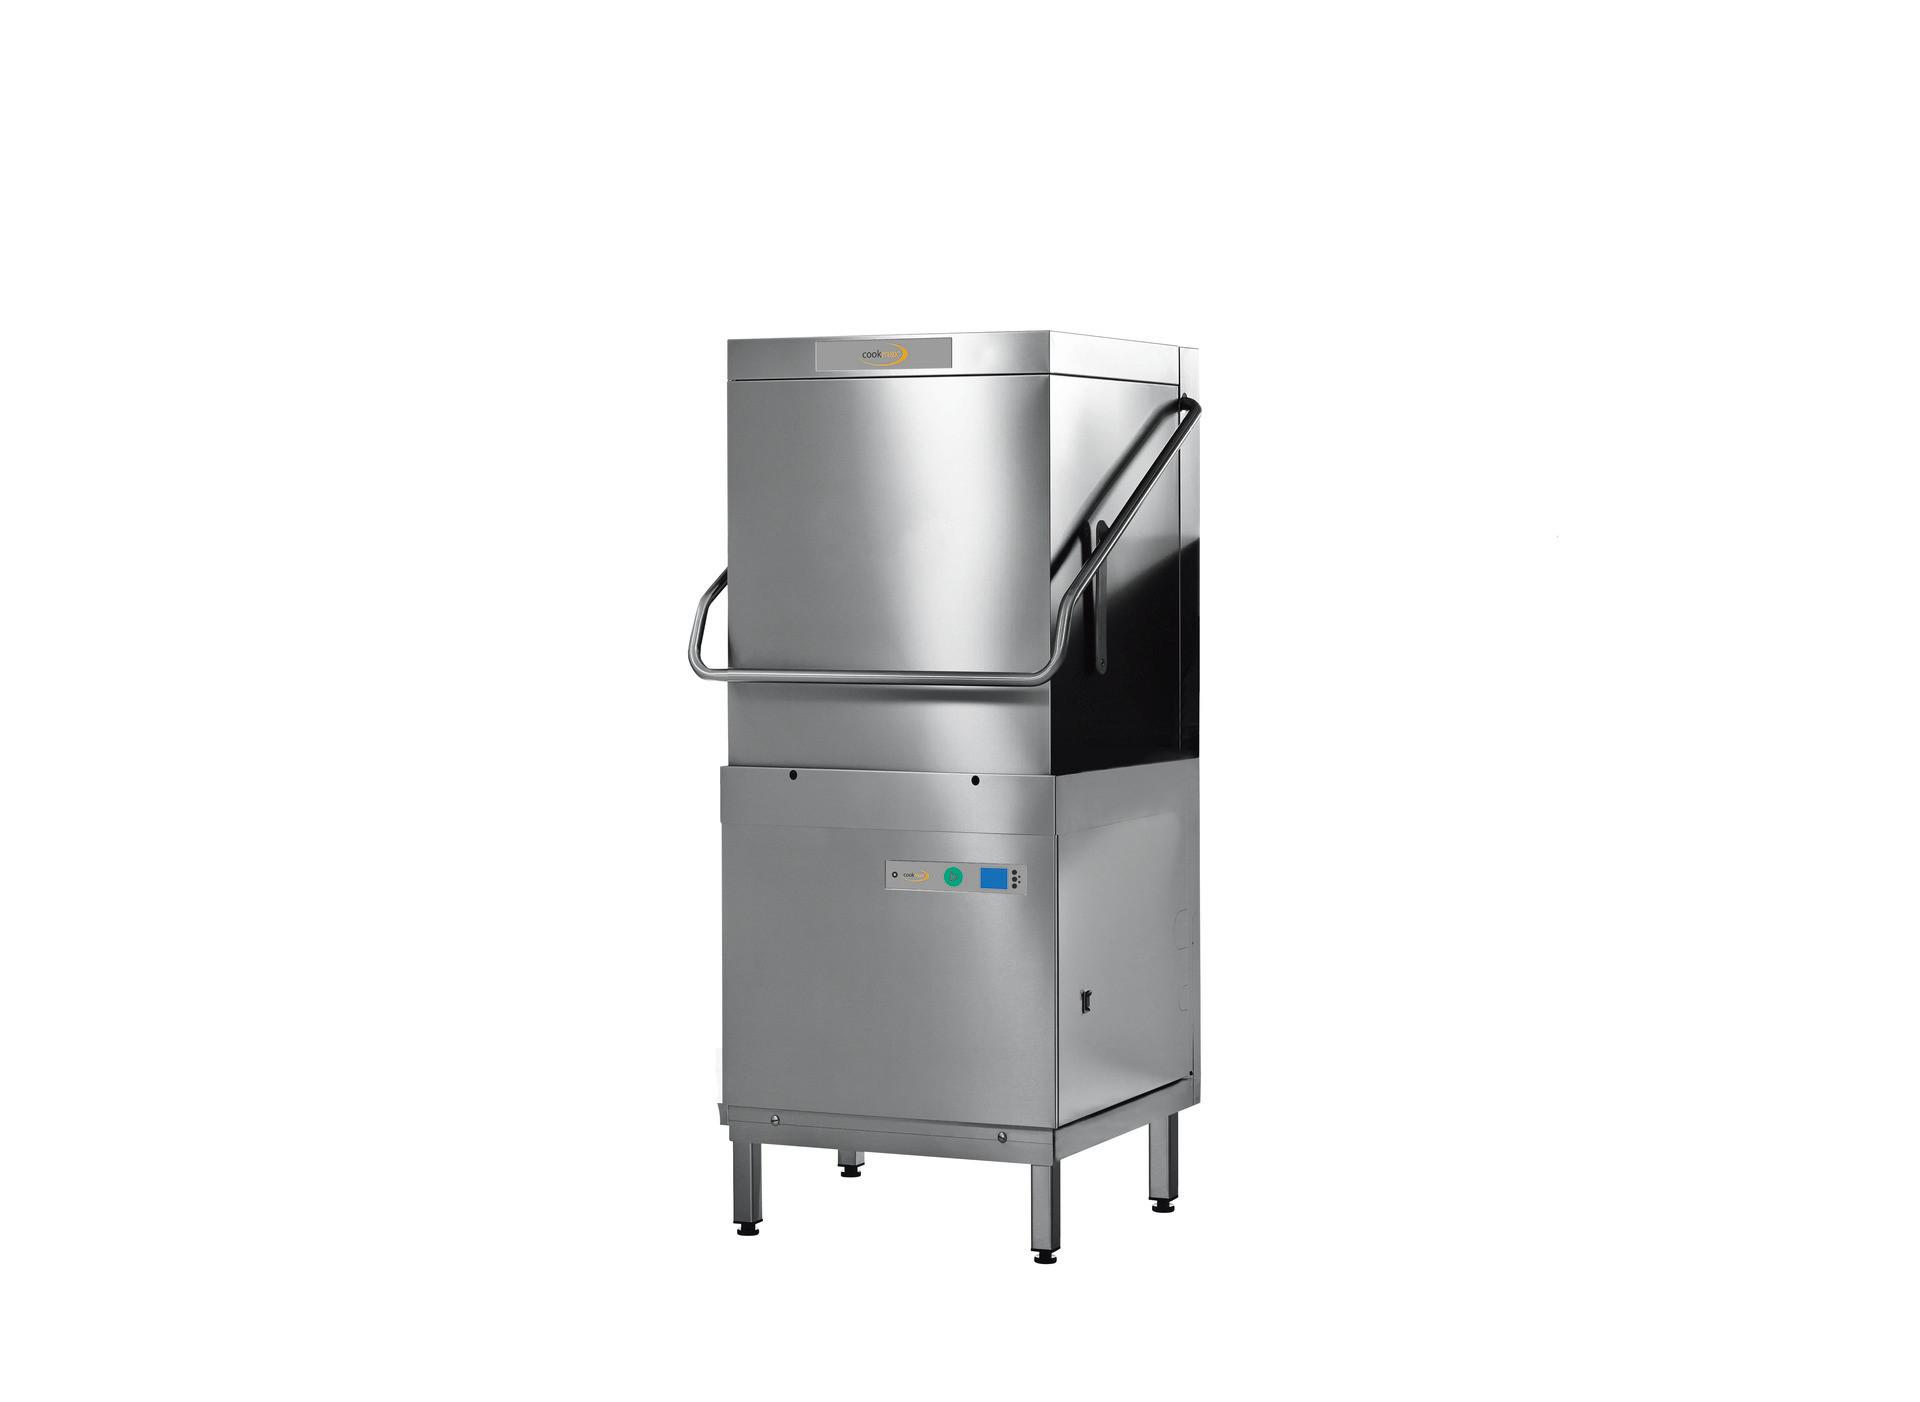 Hauben-Spülmaschine mit Reinigerdosierer und Klarspüldosierer